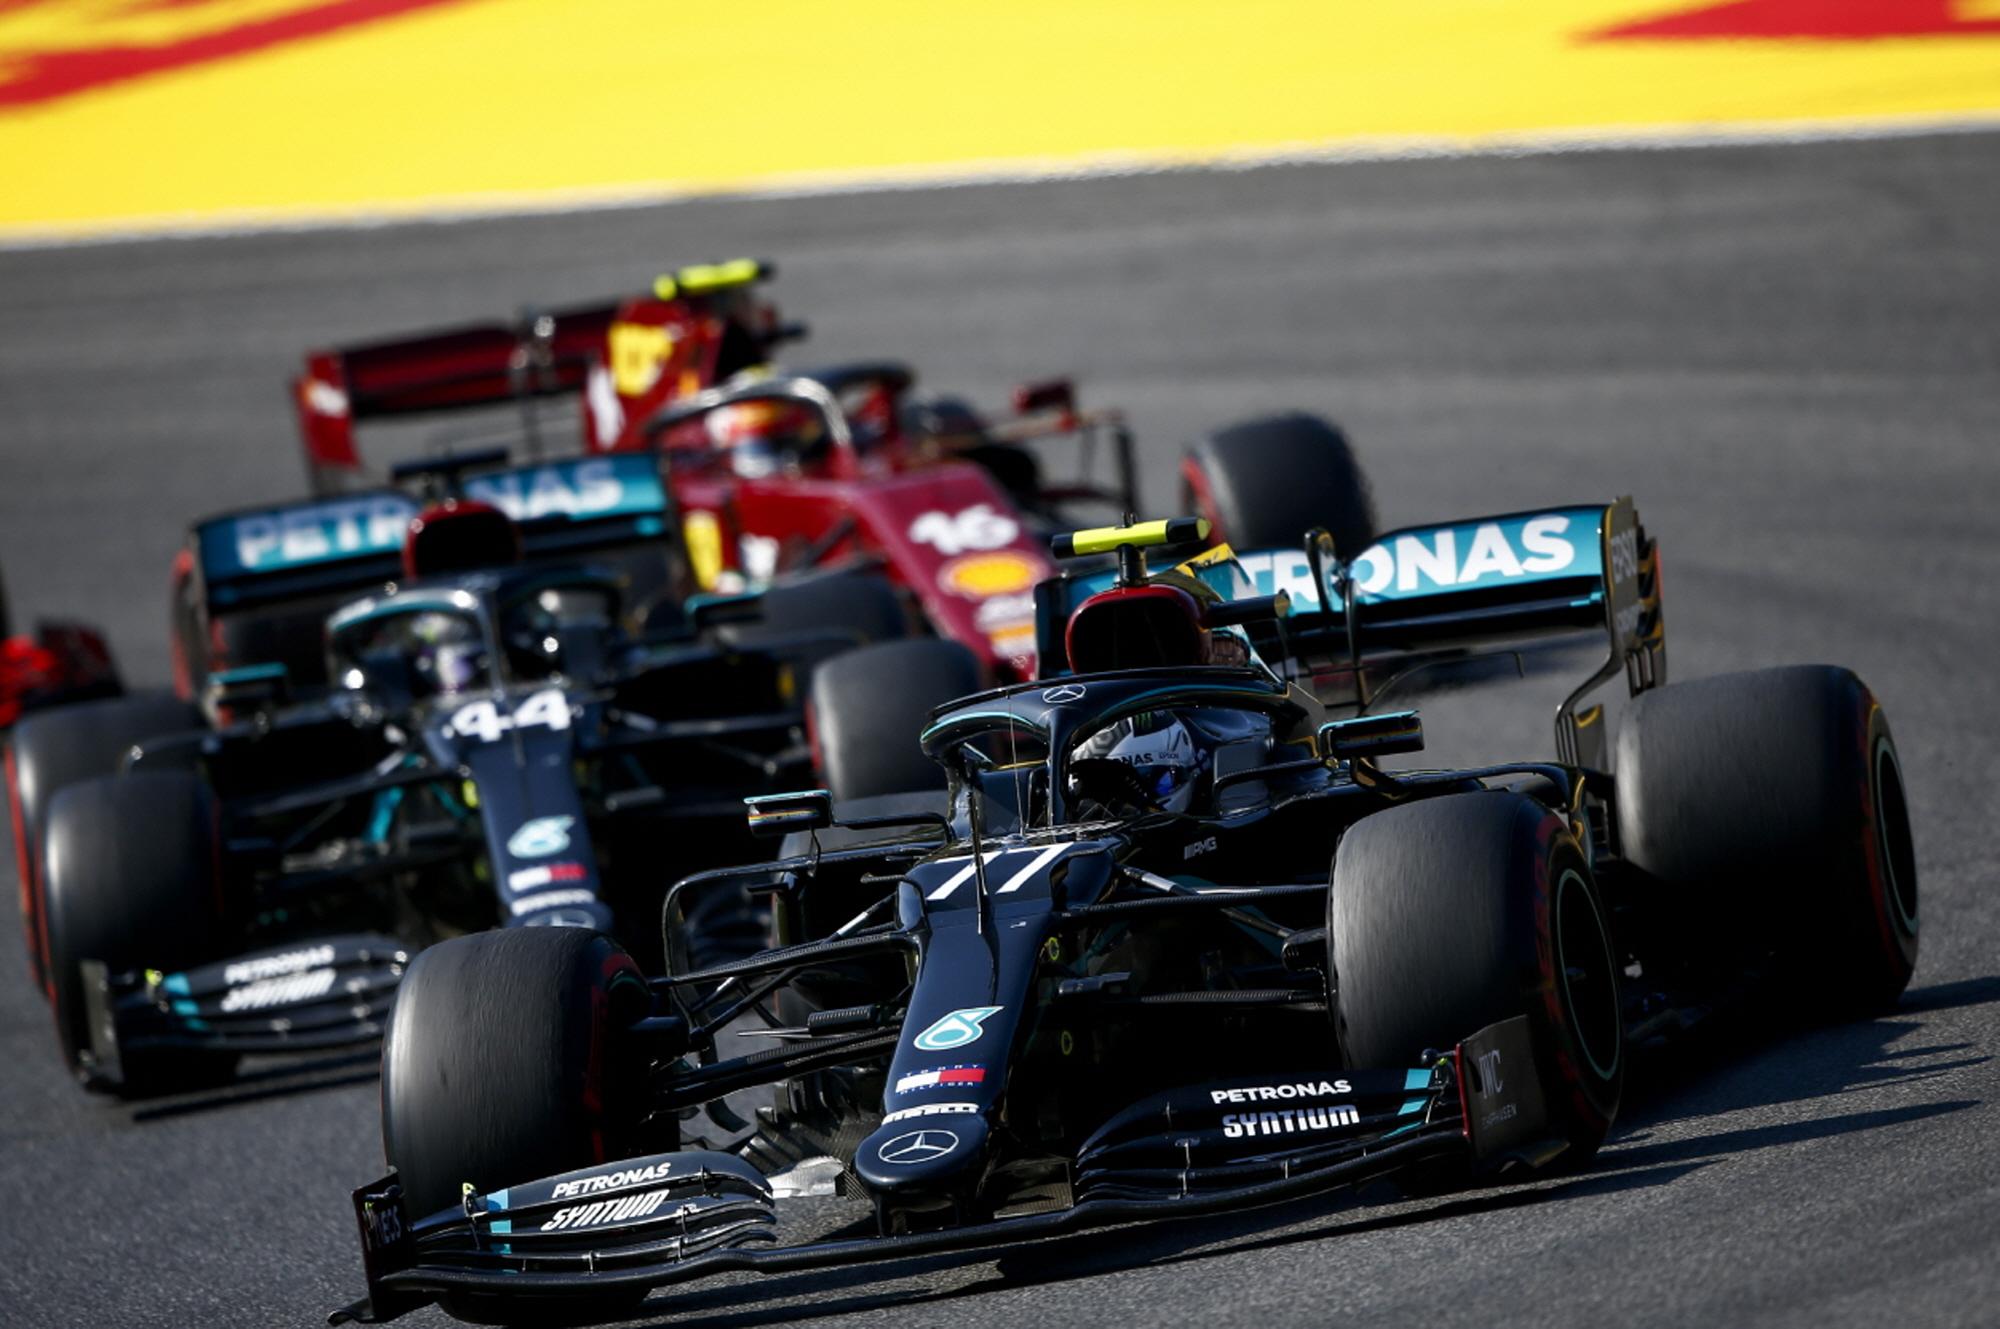 메르세데스 AMG F1팀 루이스 해밀턴, 발테리 보타스, 투스칸 그랑프리에서 1, 2위 석권